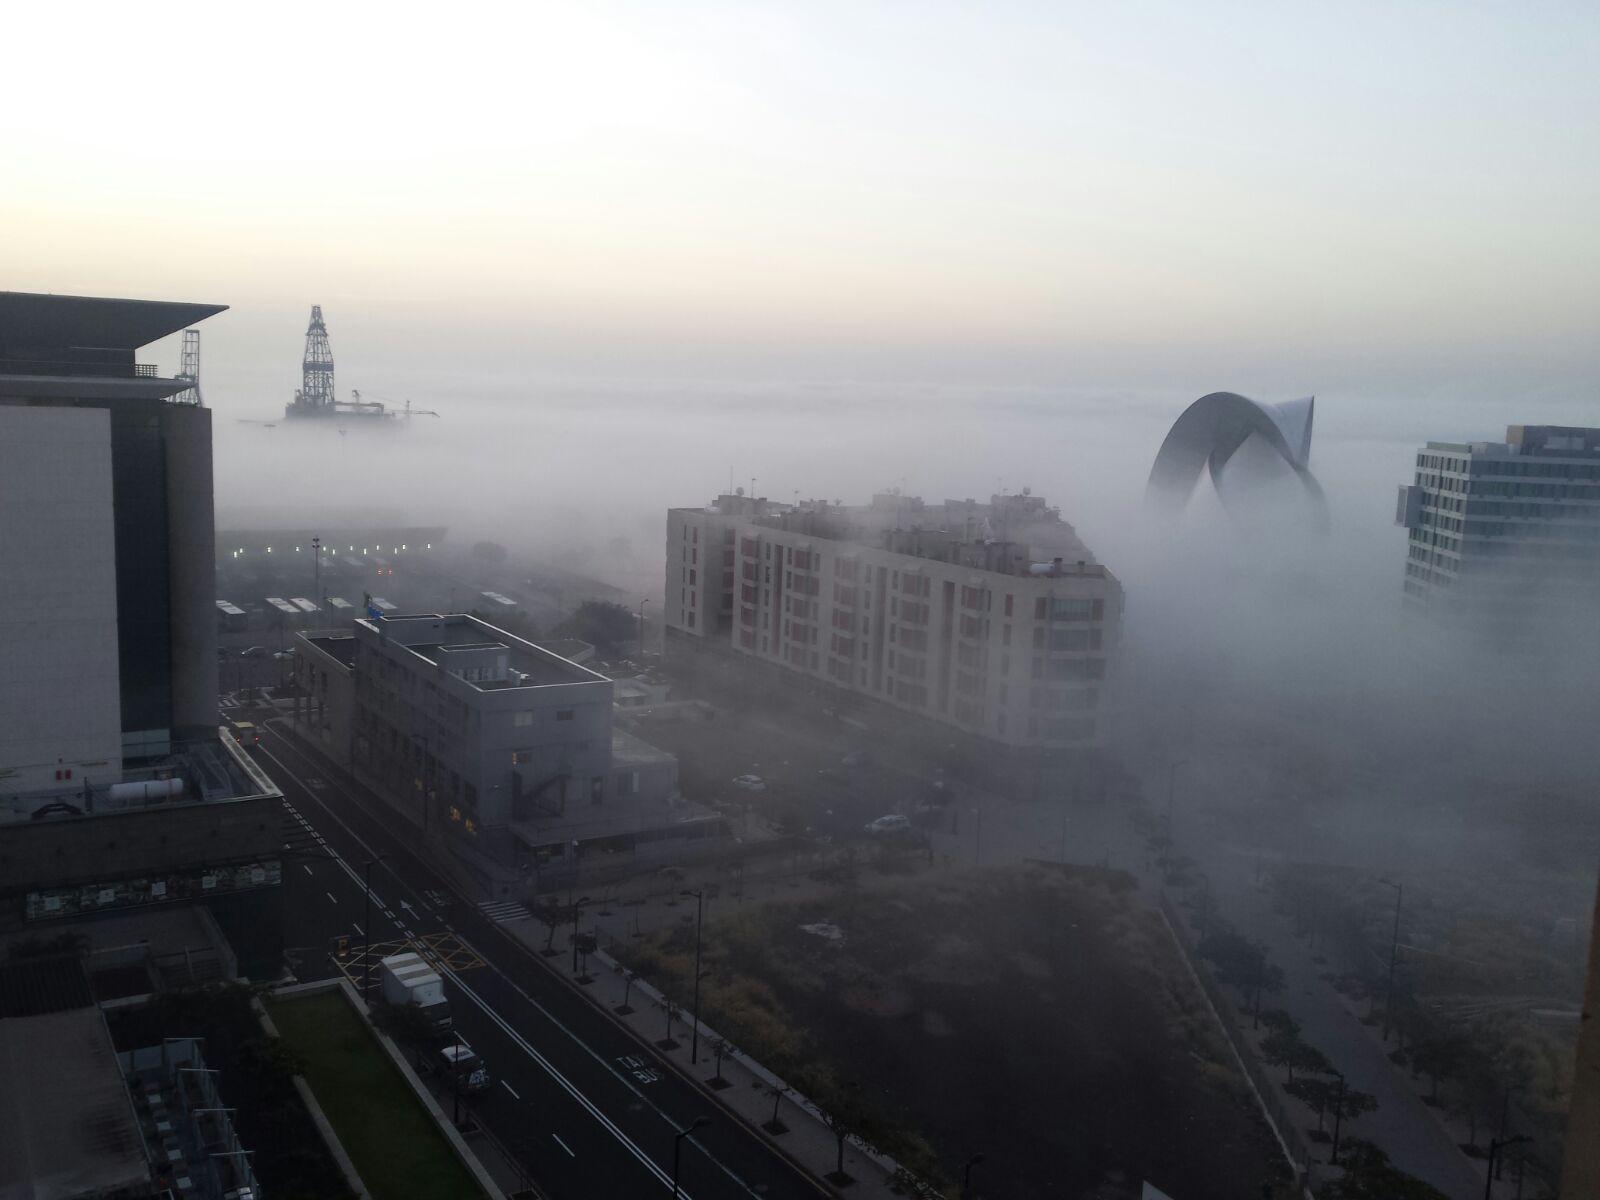 Santa cruz de tenerife despierta entre niebla y bruma for Gimnasio santa cruz de tenerife